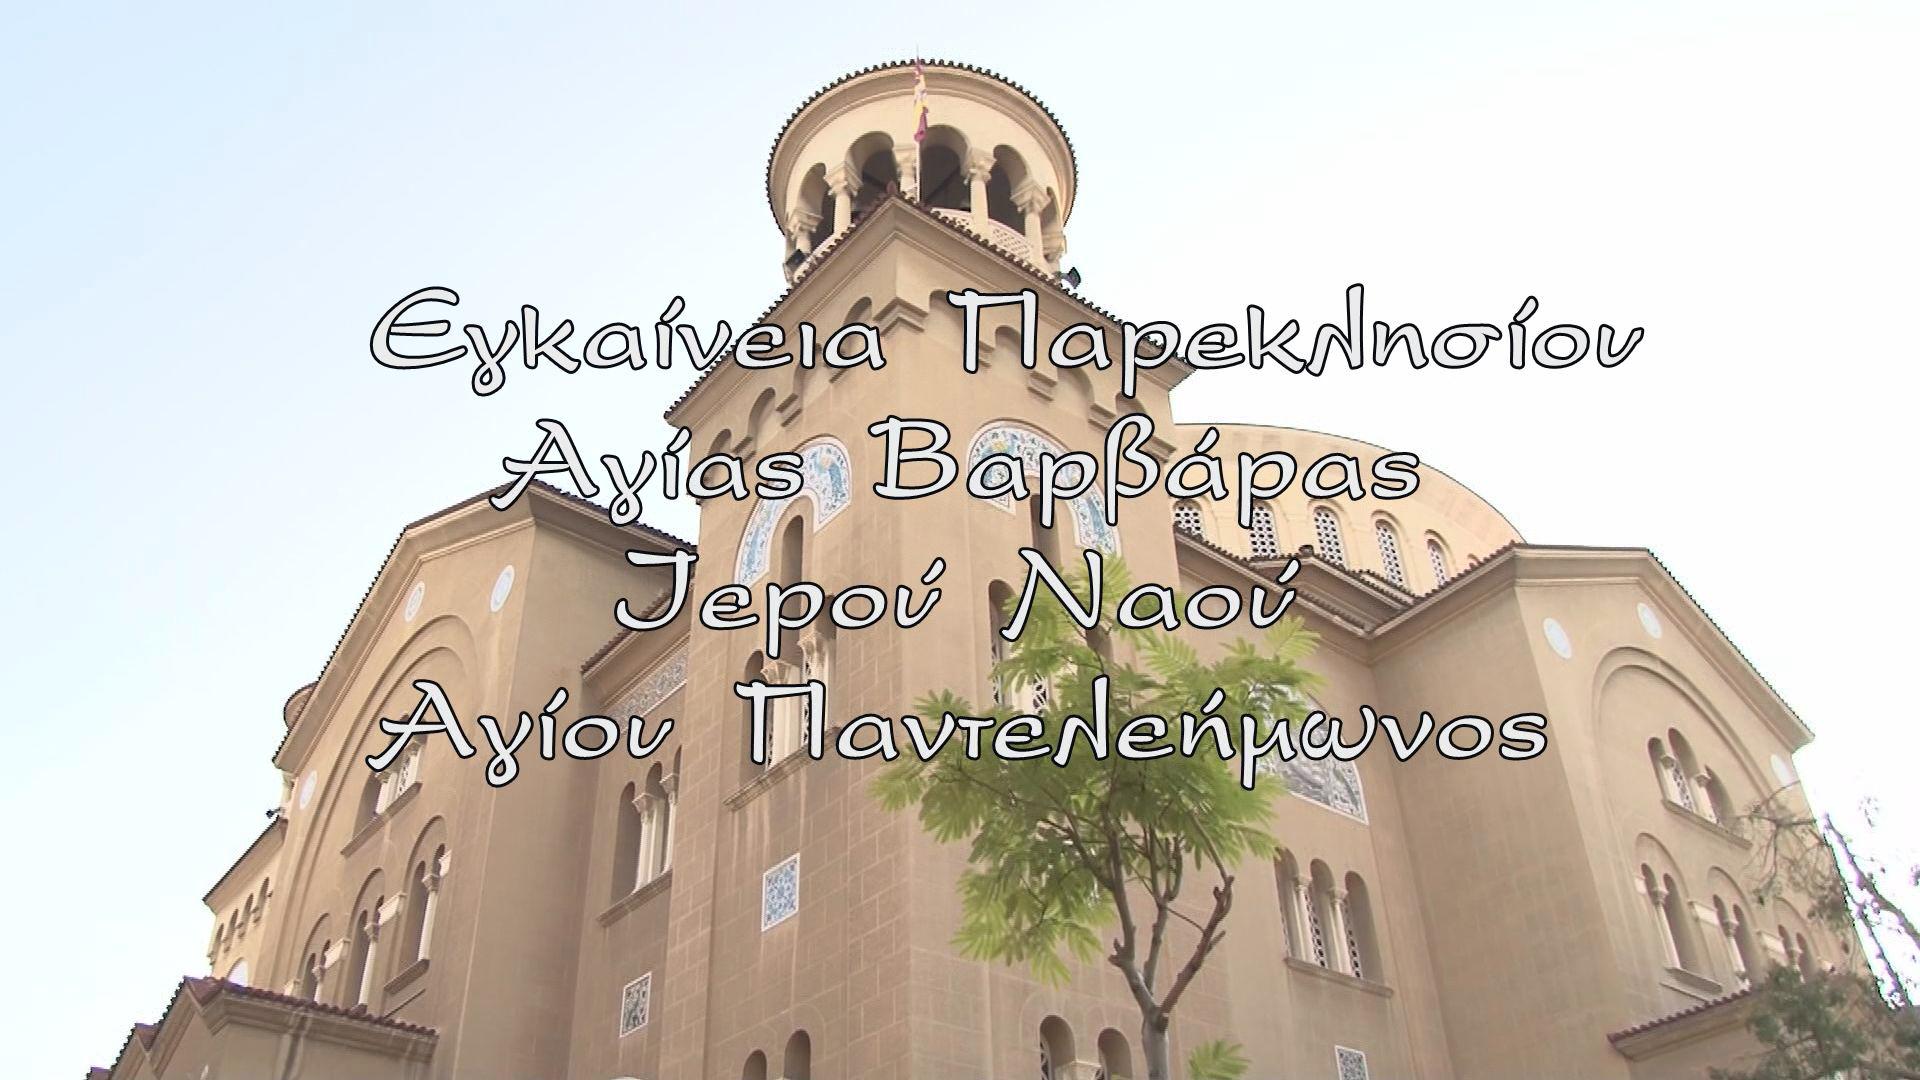 Εγκαίνια Παρεκκλησίου της Αγίας Βαρβάρας